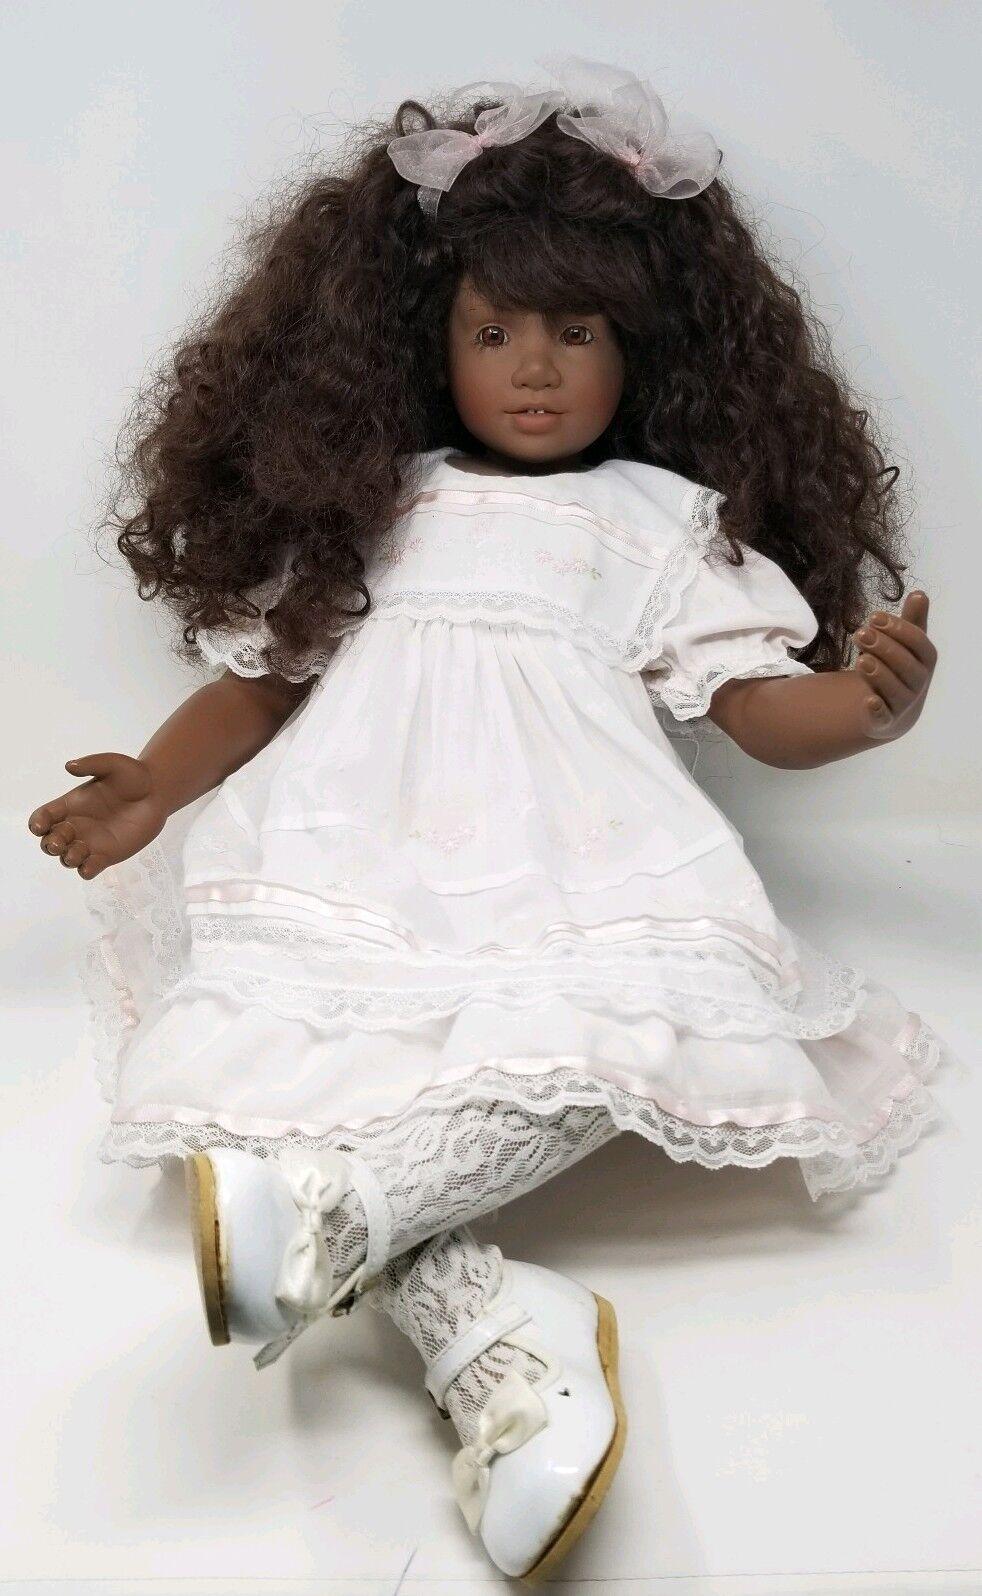 Peggy Dey muñeca de edición limitada-Jurnee, 32  - 1996 de 300